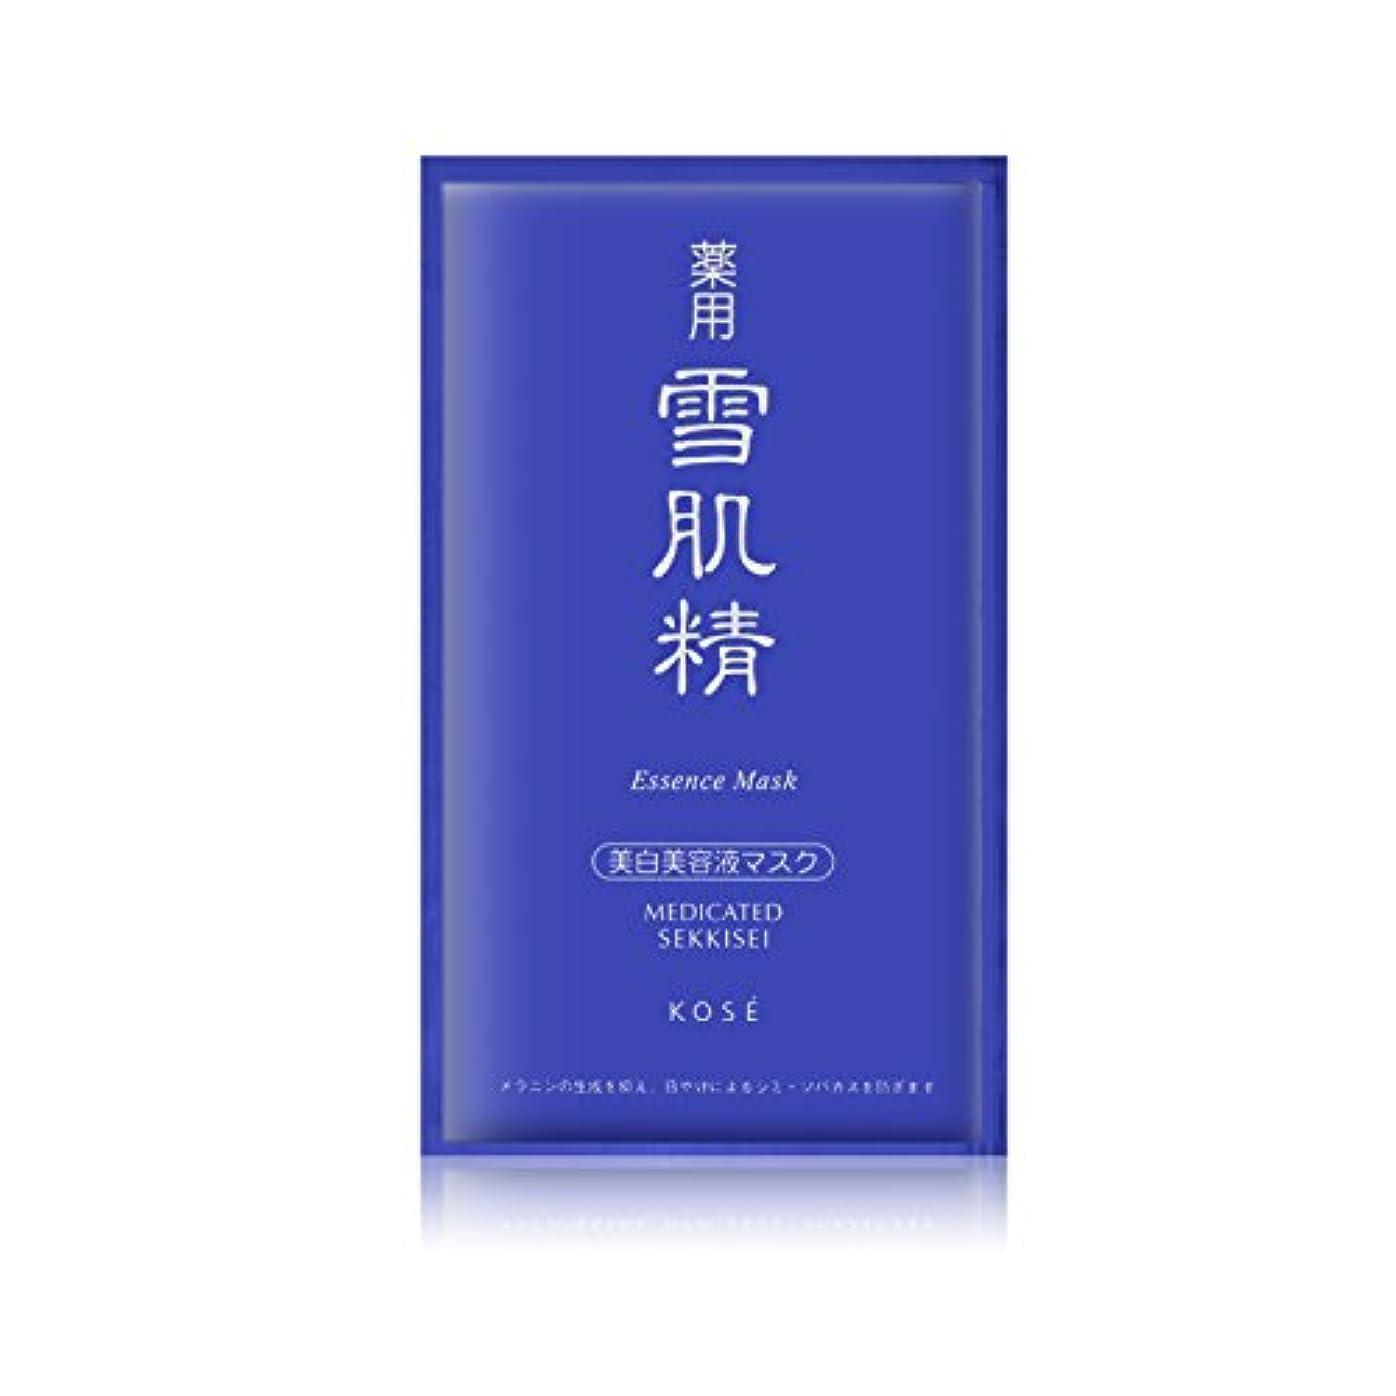 好む錆びイヤホンコーセー 薬用 雪肌精エッセンスマスク 6x24ml